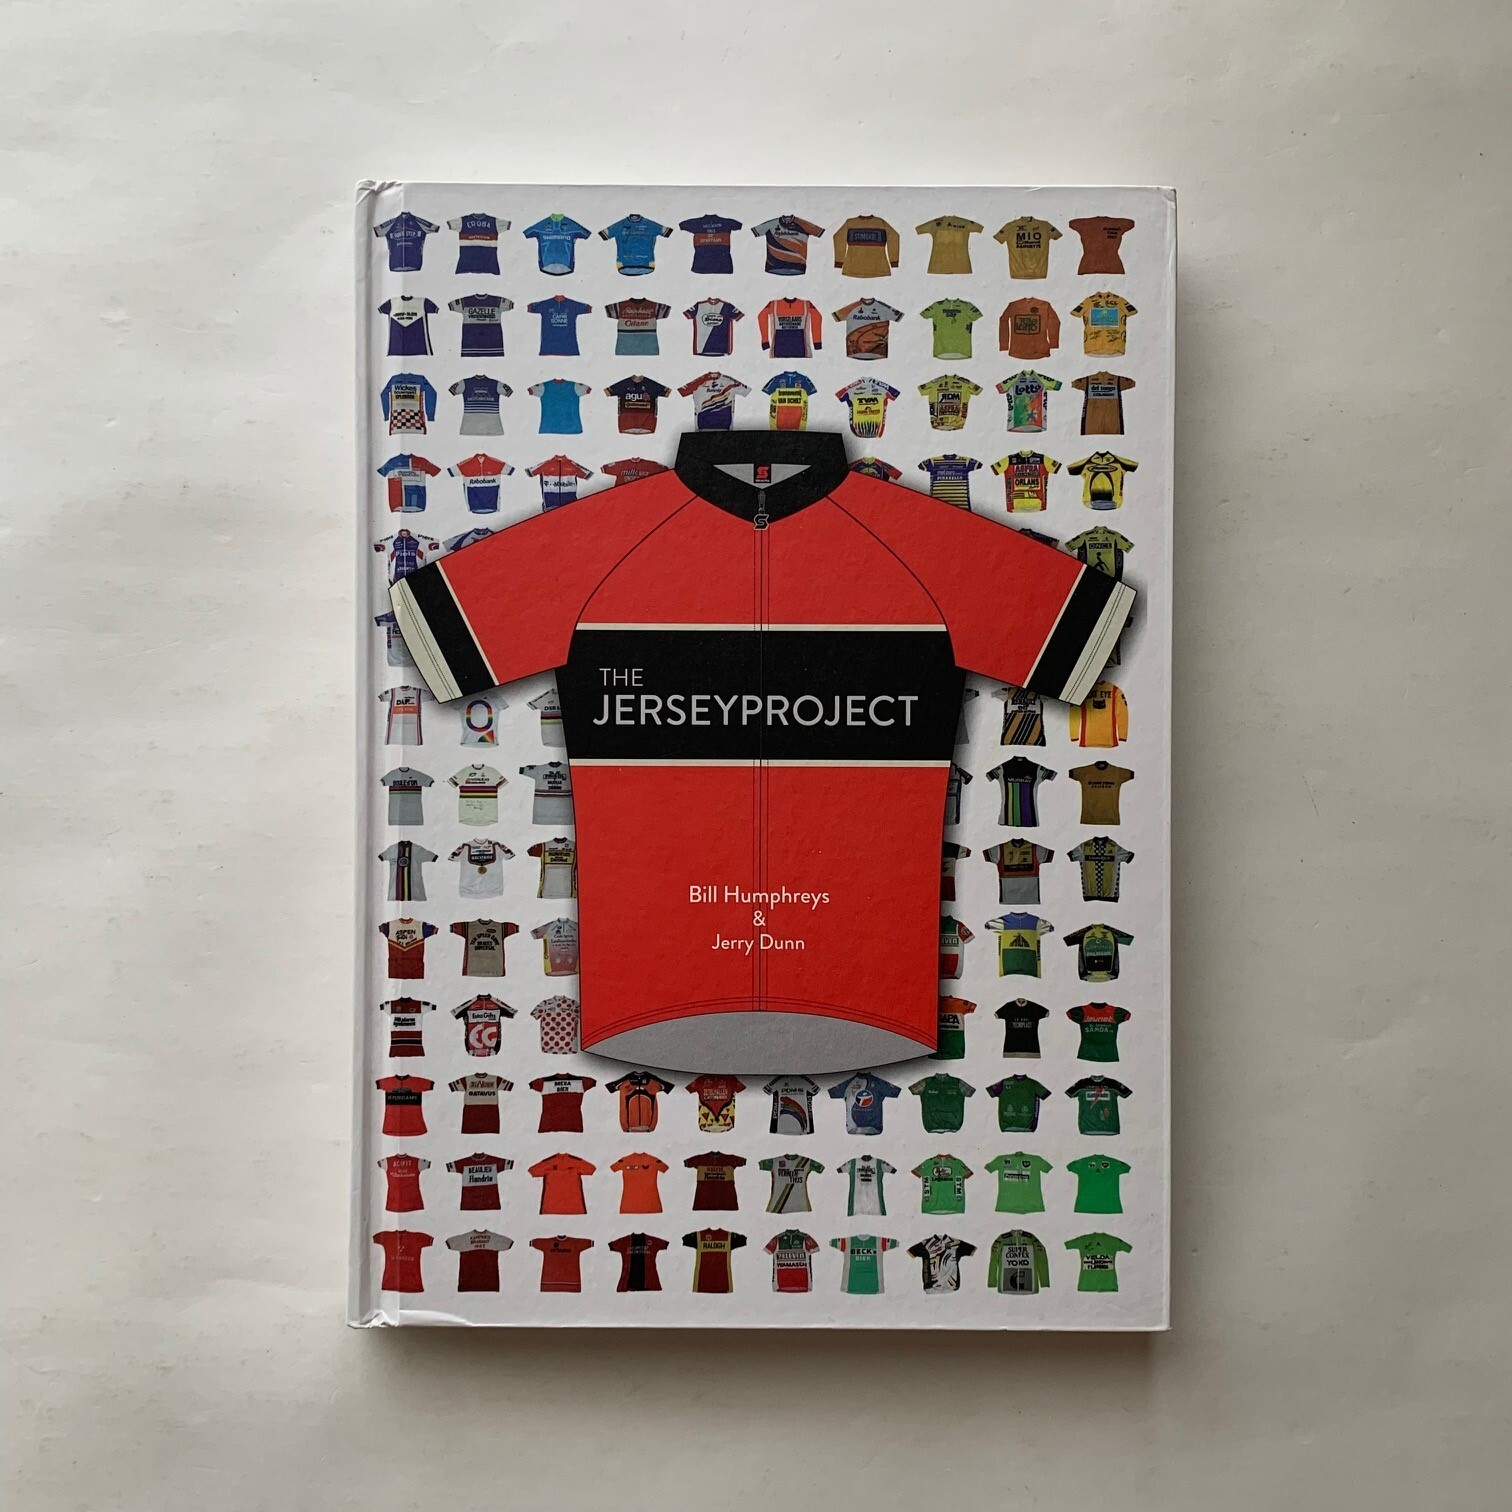 The Jersey Project / Bill Humphreys / John van Ierland